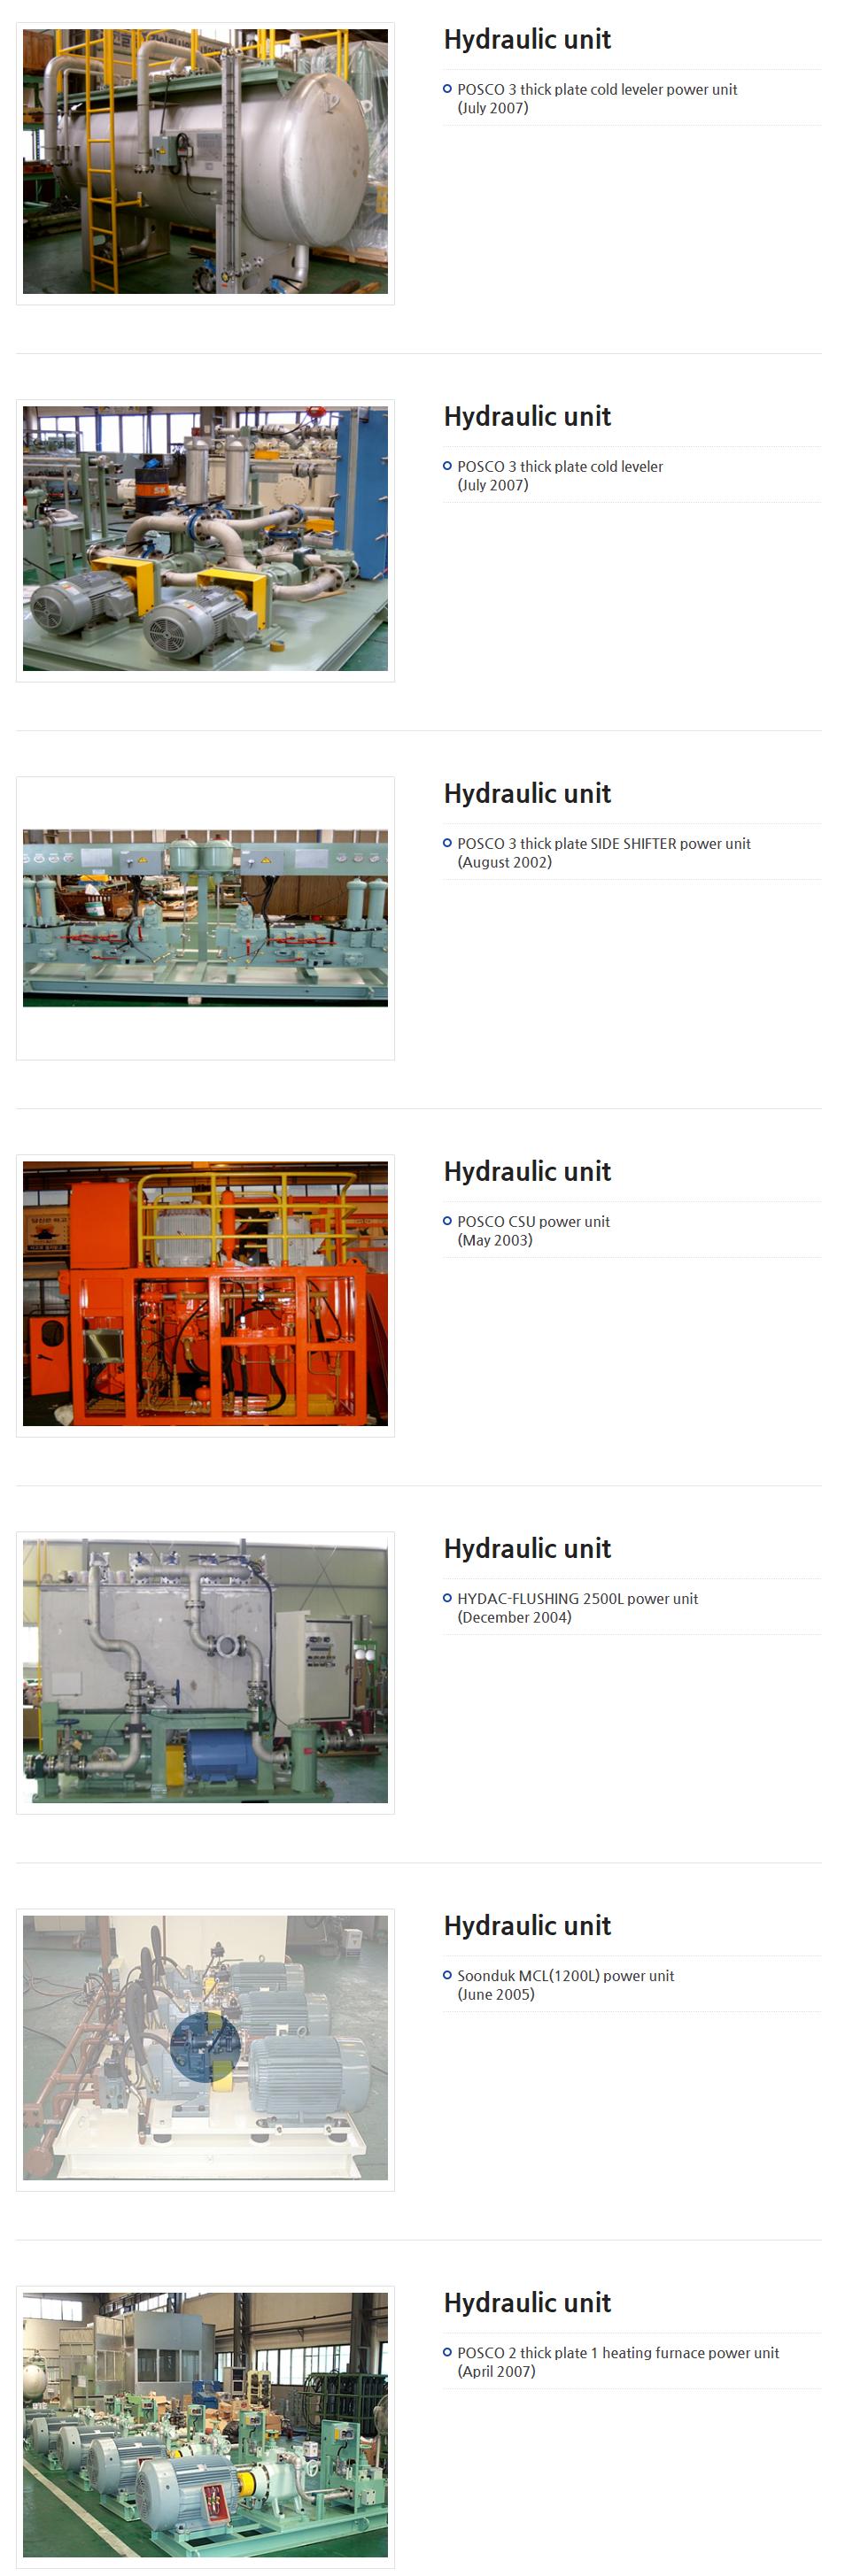 CYSKO Hydraulic unit